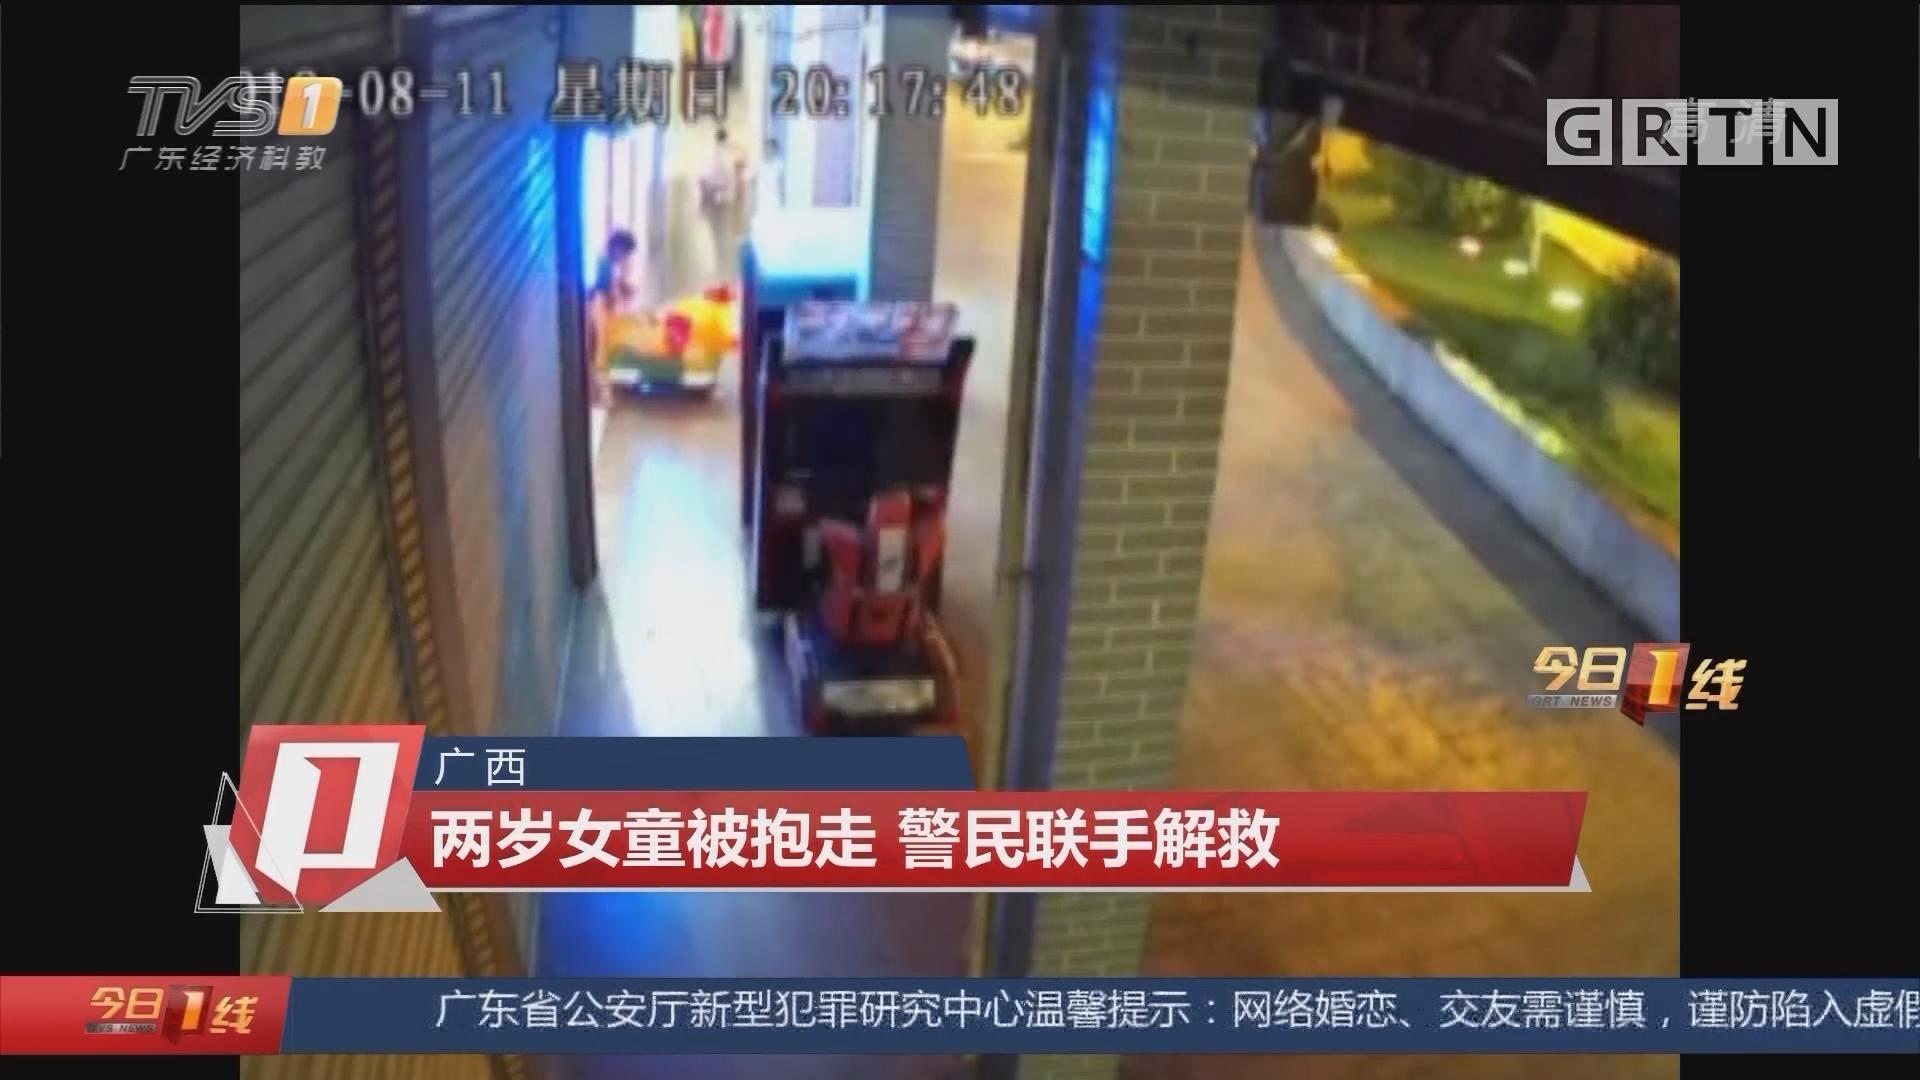 广西:两岁女童被抱走 警民联手解救